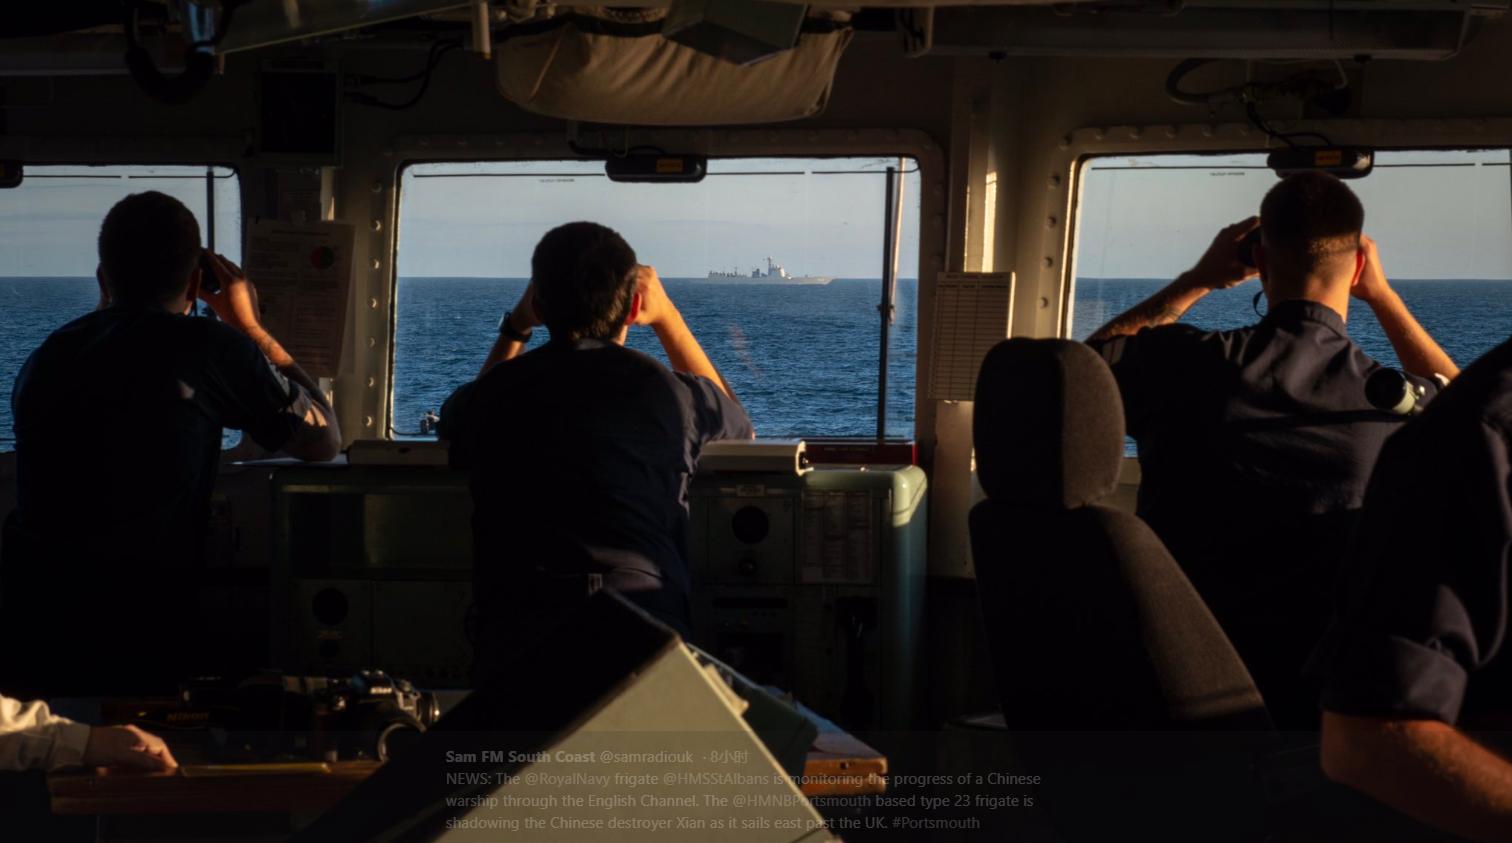 英军在英吉利海峡跟踪我海军驱逐舰